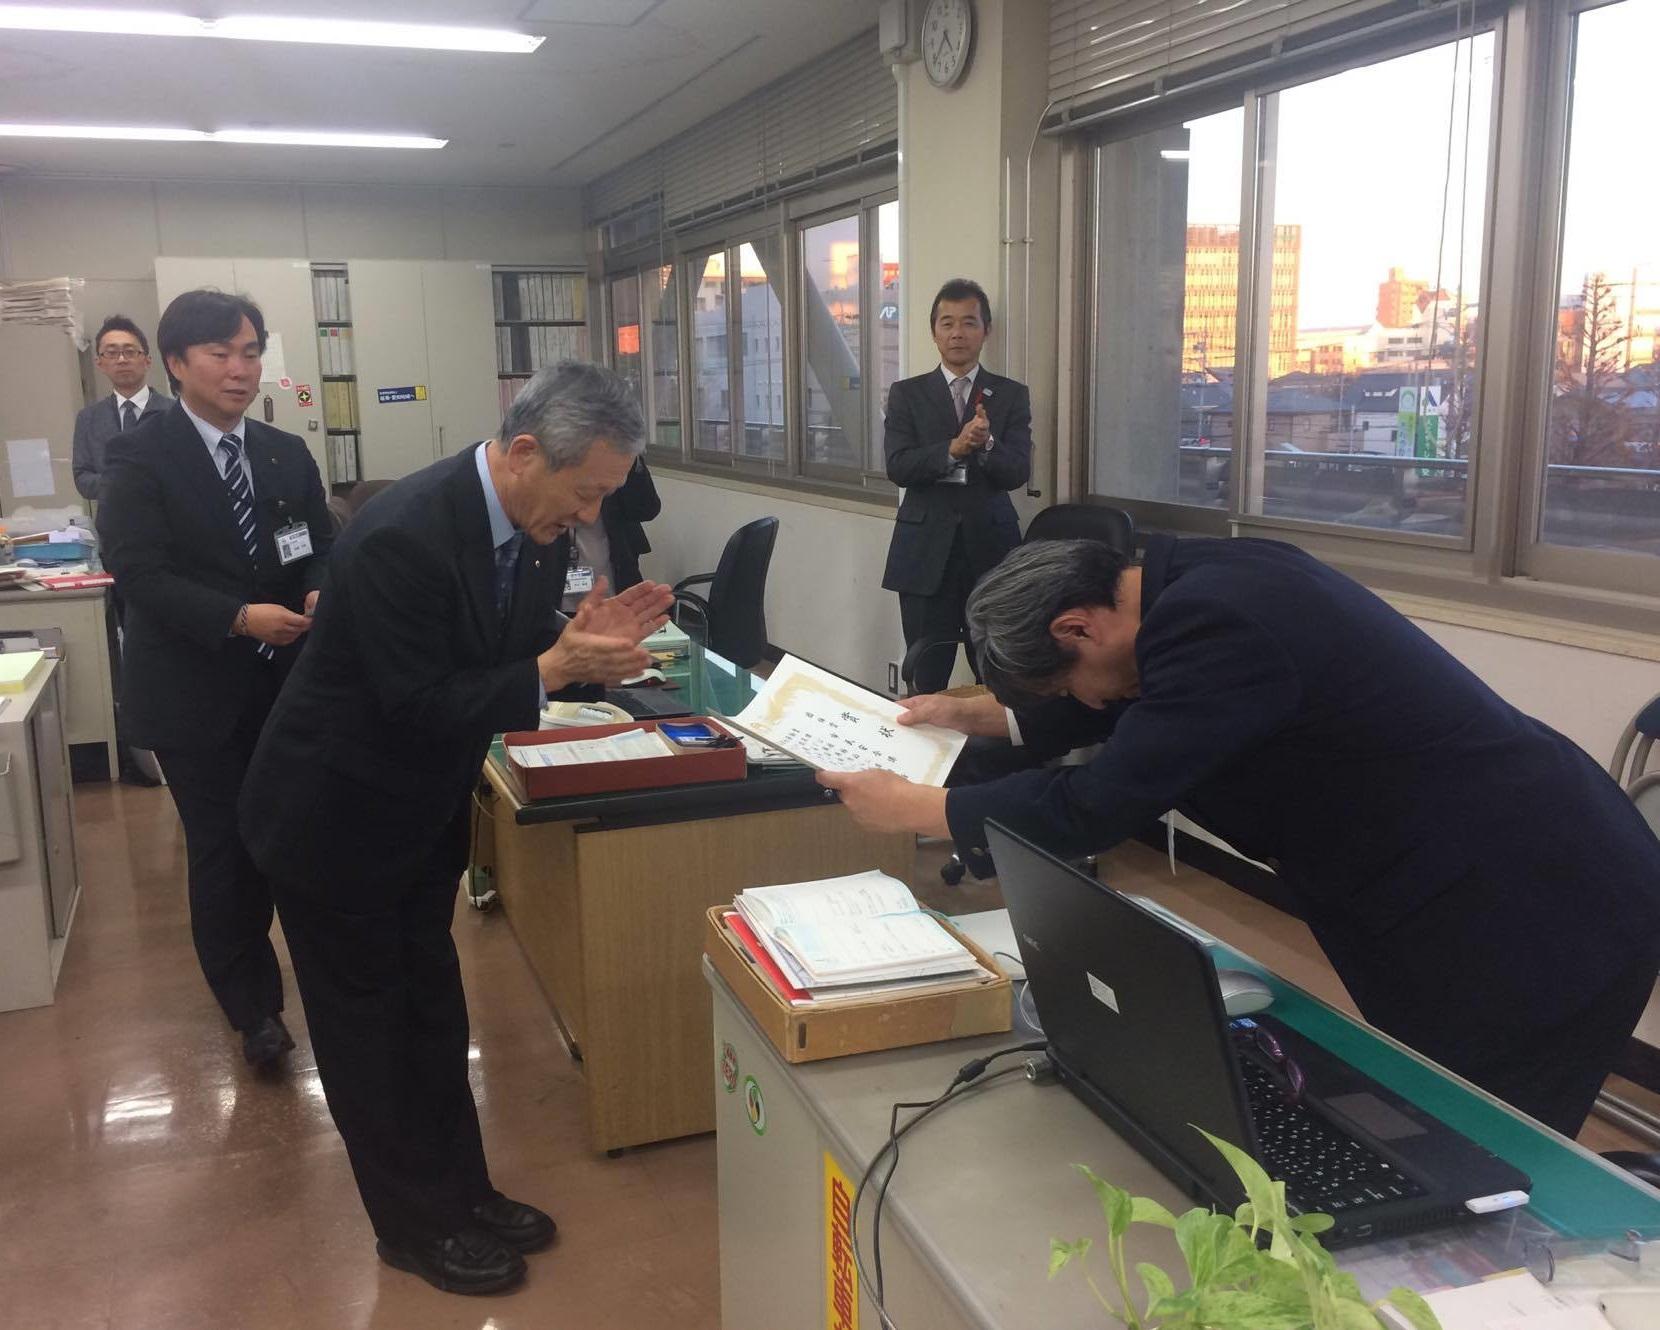 2016.12.28 職員提案団体賞 - 市民安全課 (1) 1660-1330